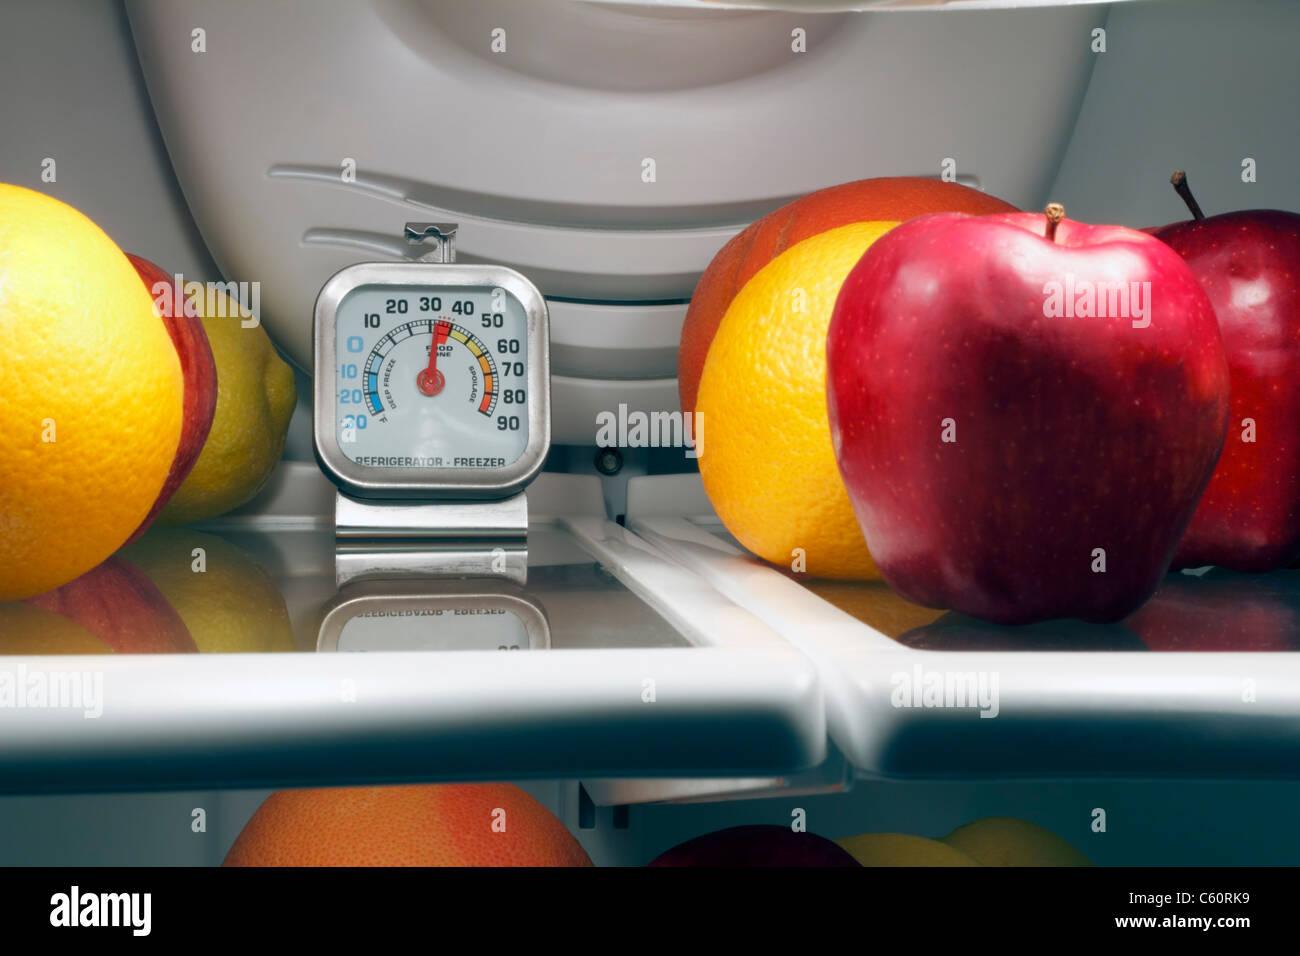 Kühlschrank Thermometer : Kühlschrank thermometer in dem obersten regal einen kühlen